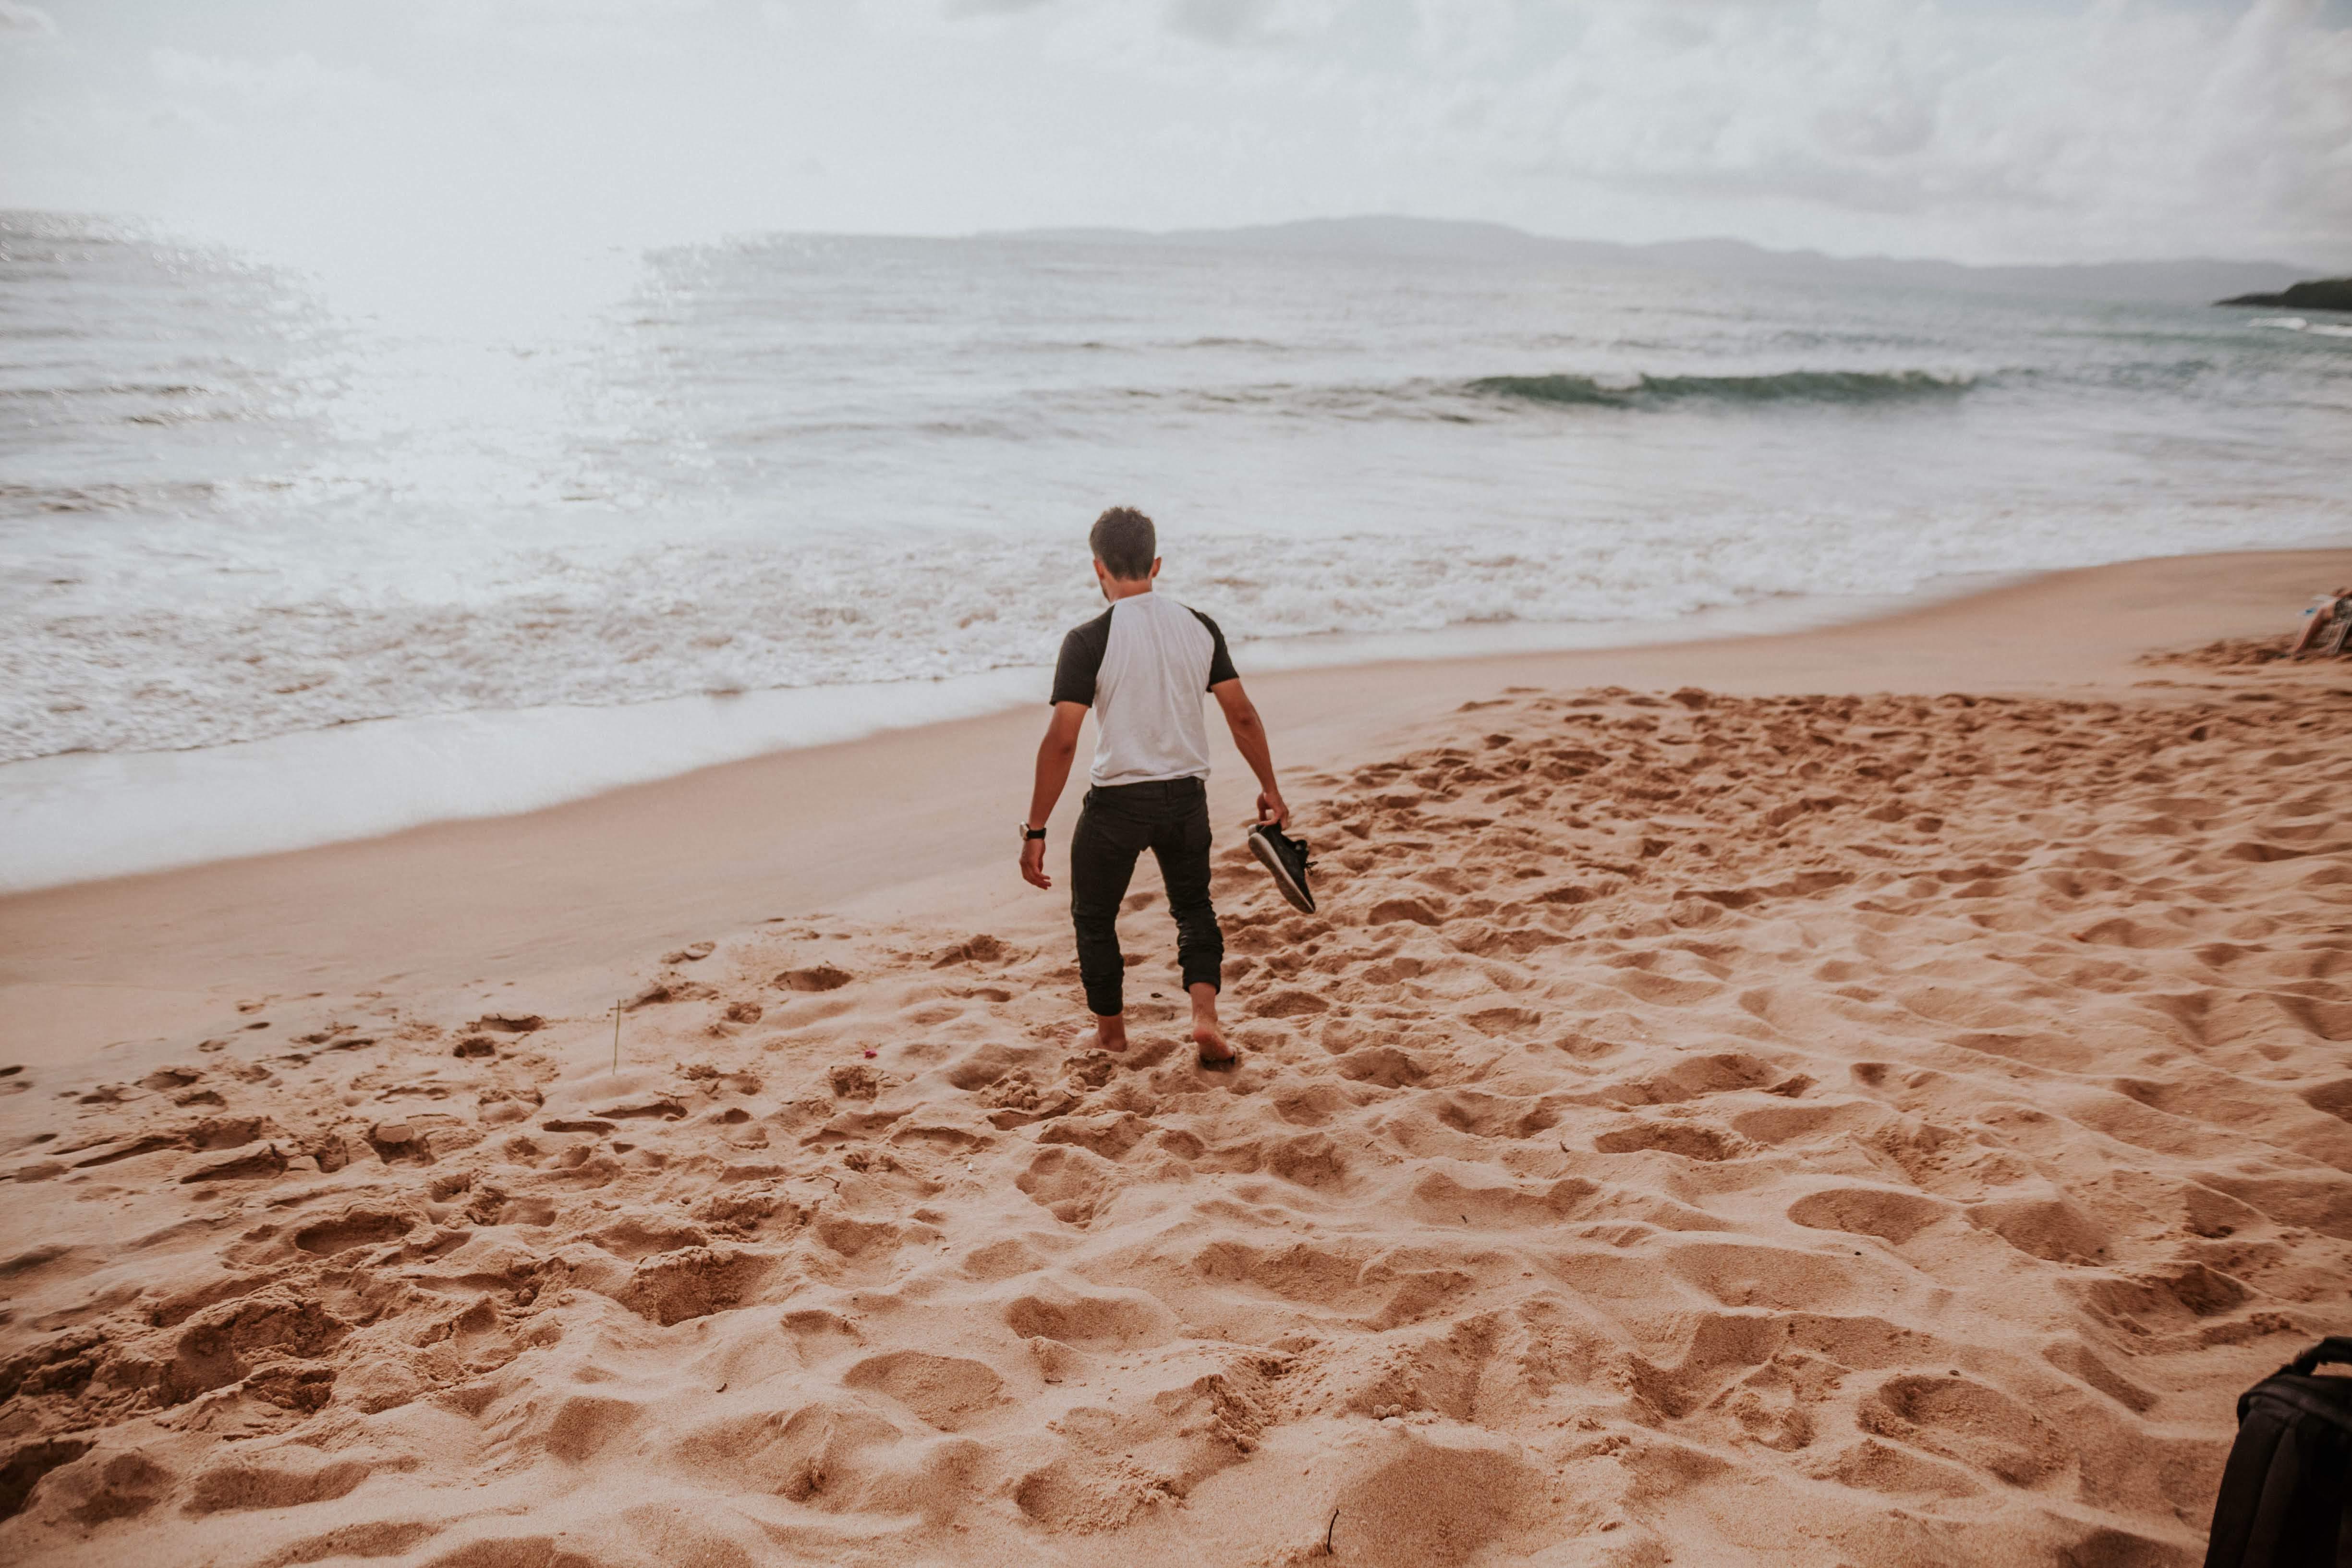 boş zaman, dalgalar, deniz